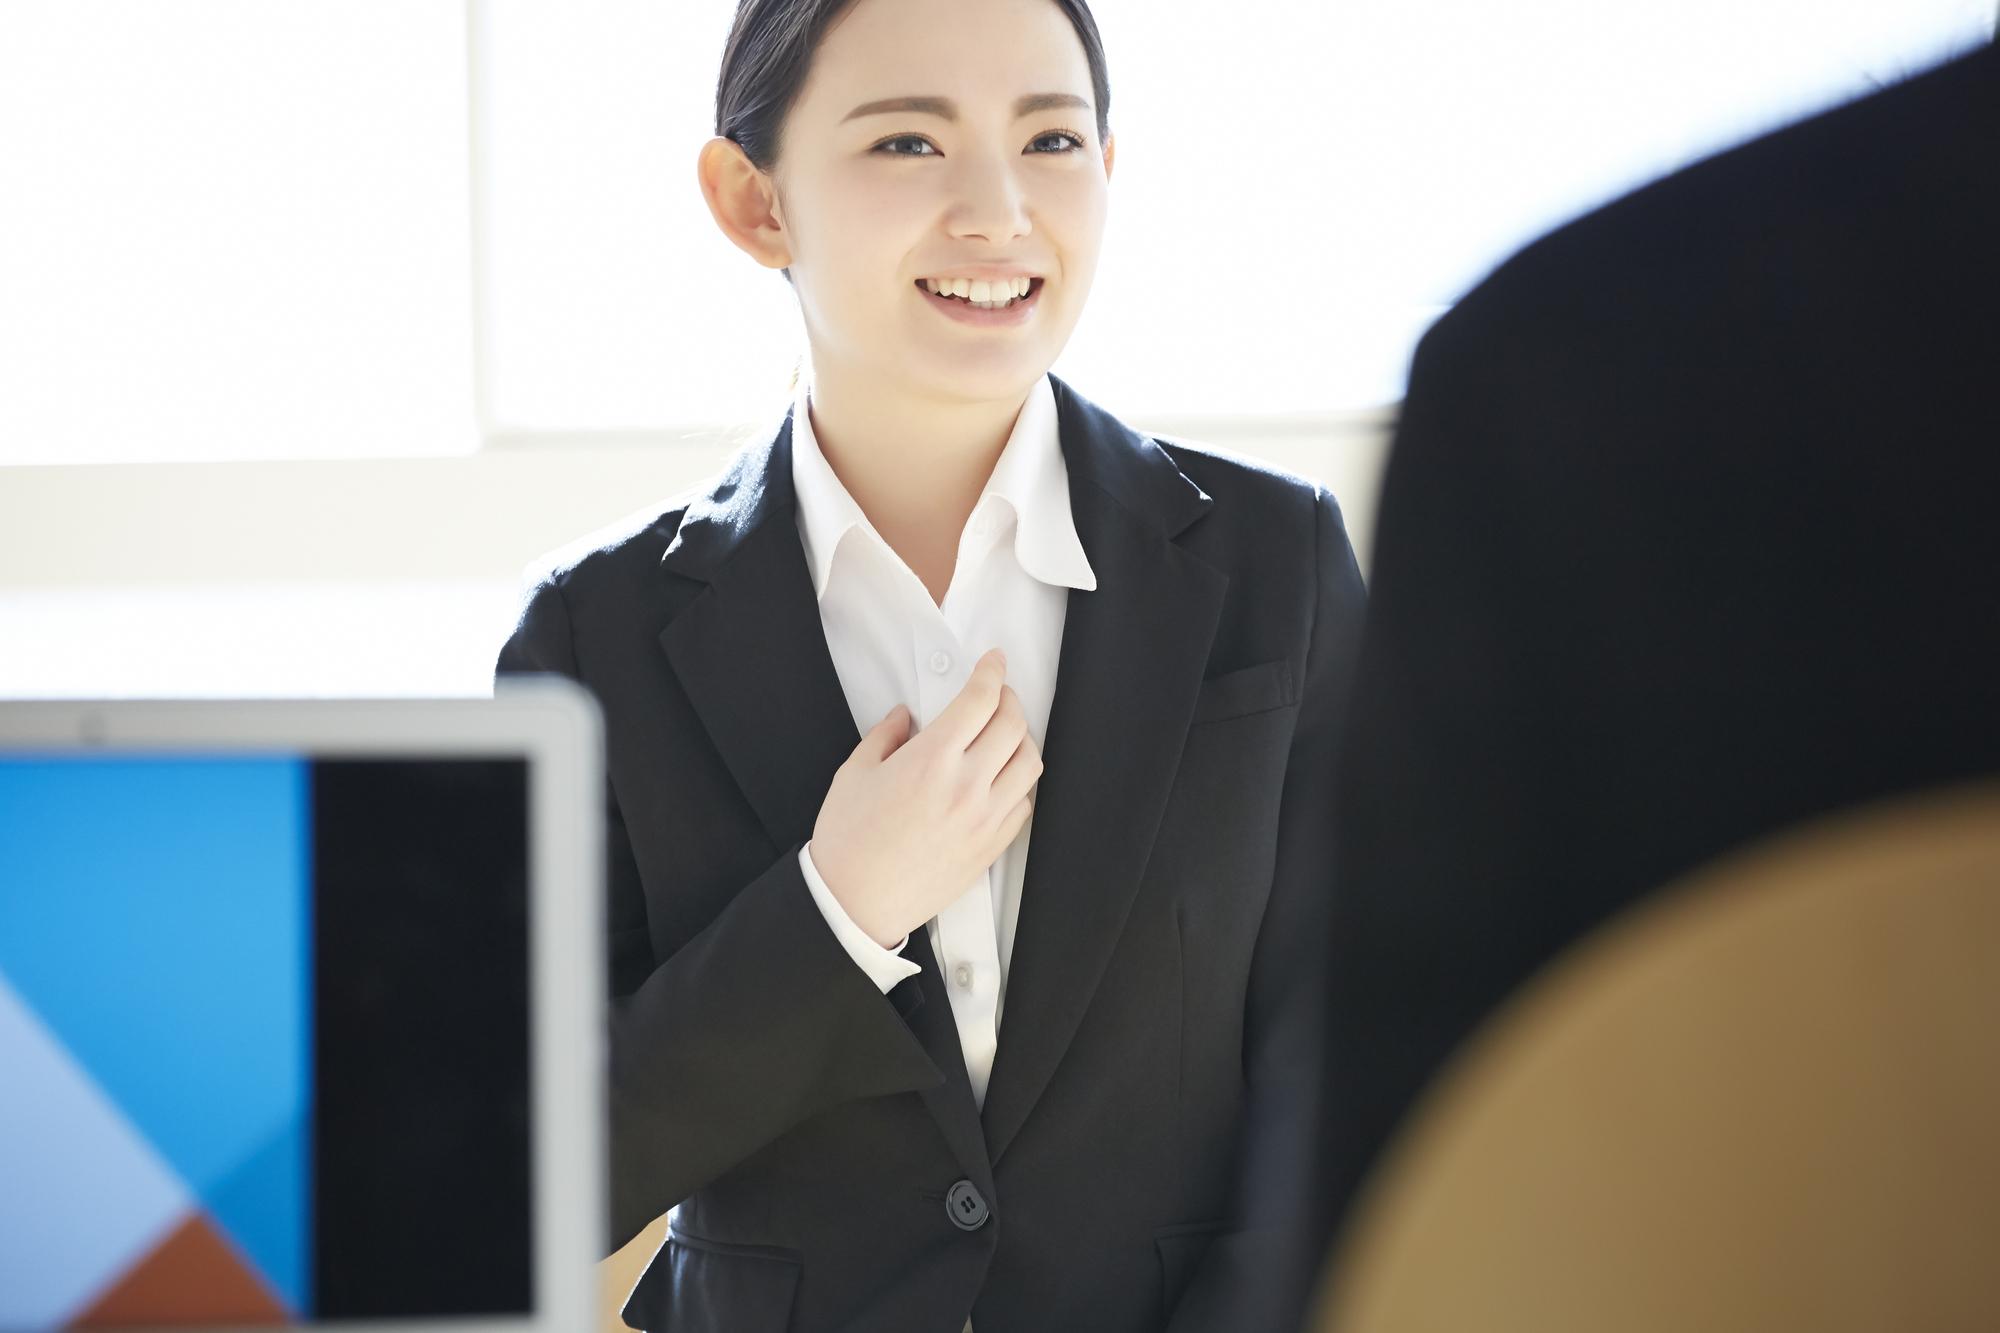 第二新卒は大手に転職可能?第二新卒に求められるスキルや転職を成功させる秘訣